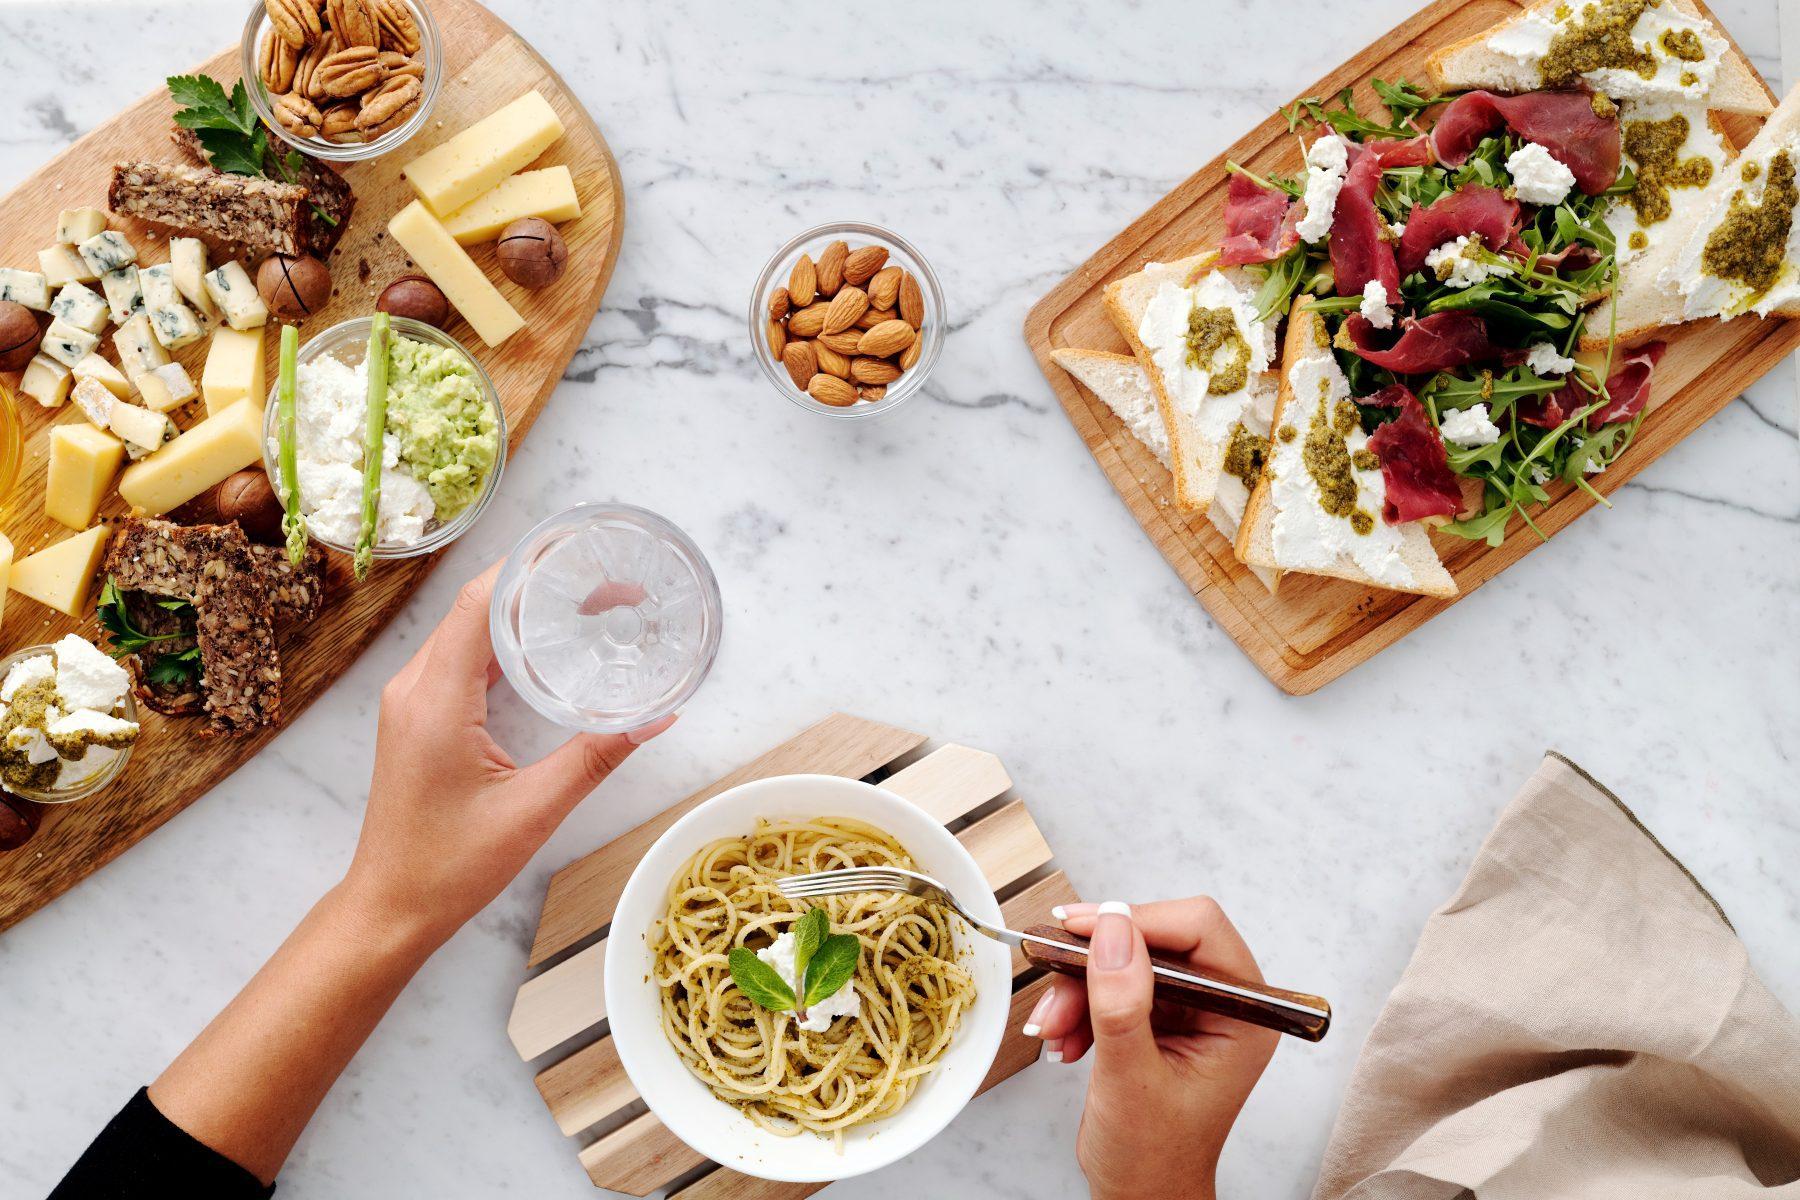 Drei Teller Essen mit einer Person beim Essen.